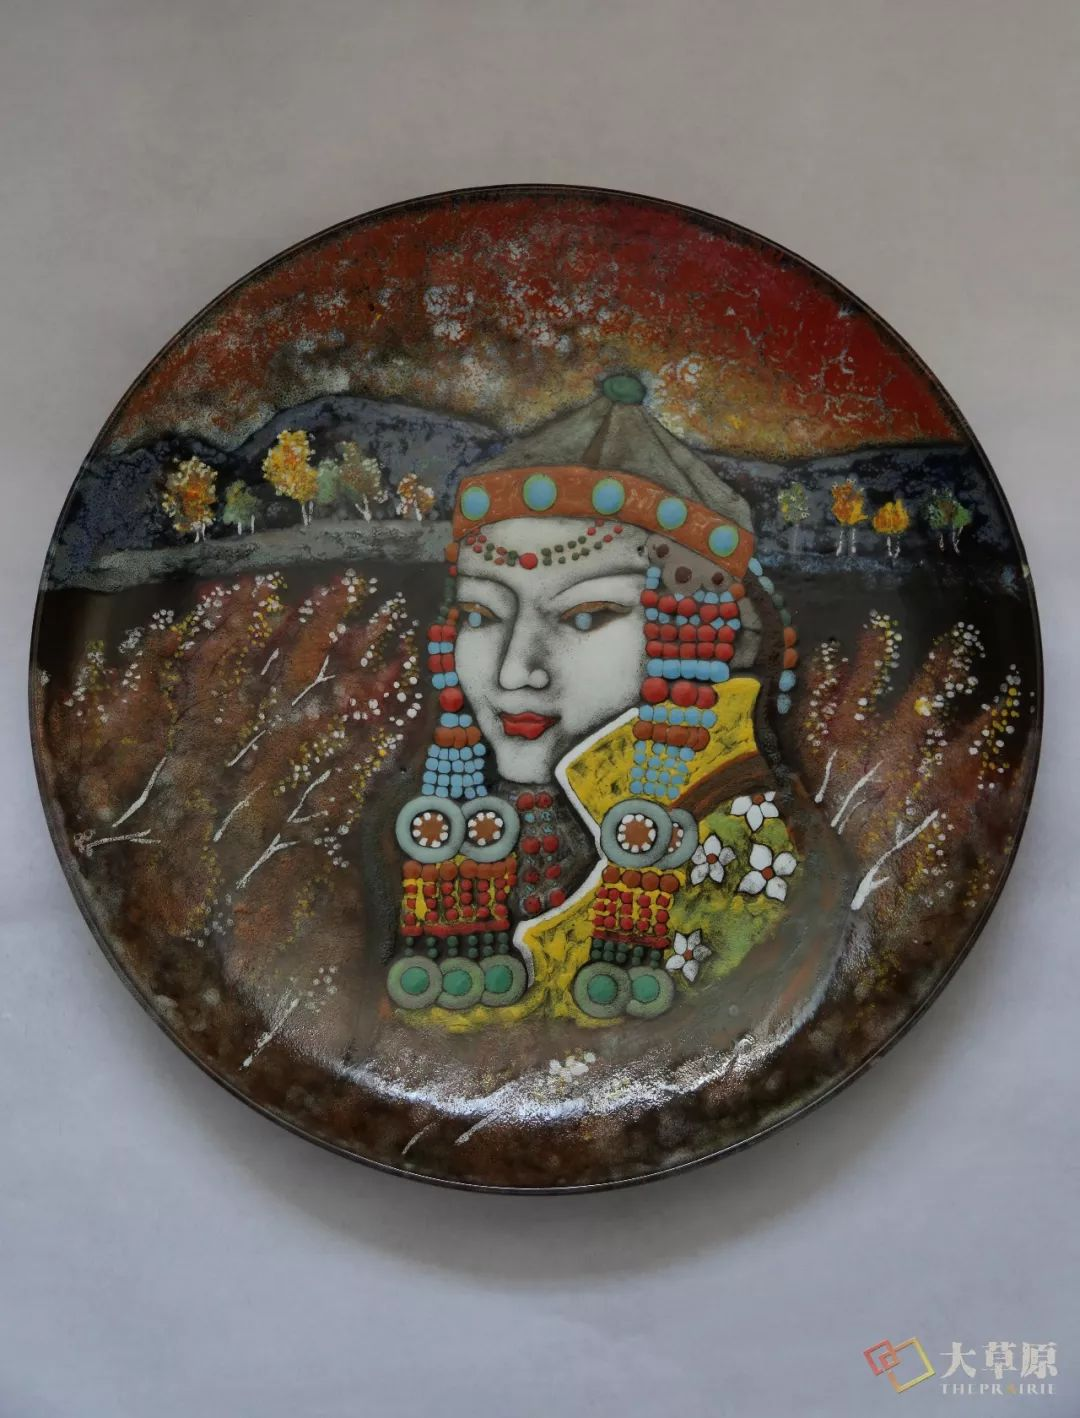 没有草稿一次成型,追求工匠精神的她将生命的活力注入蒙古特色陶艺作品中 第8张